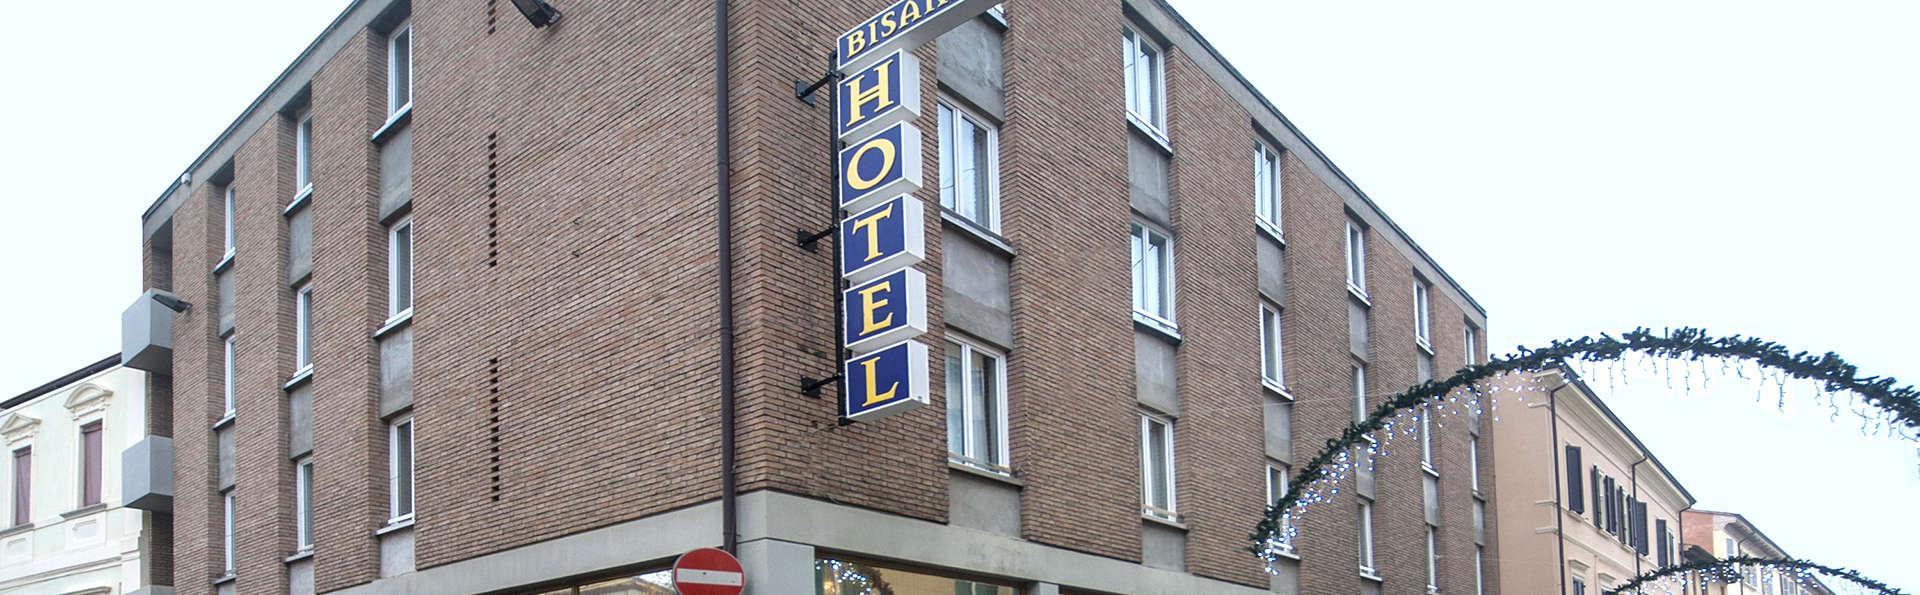 Hotel Bisanzio - Edit_Front2.jpg